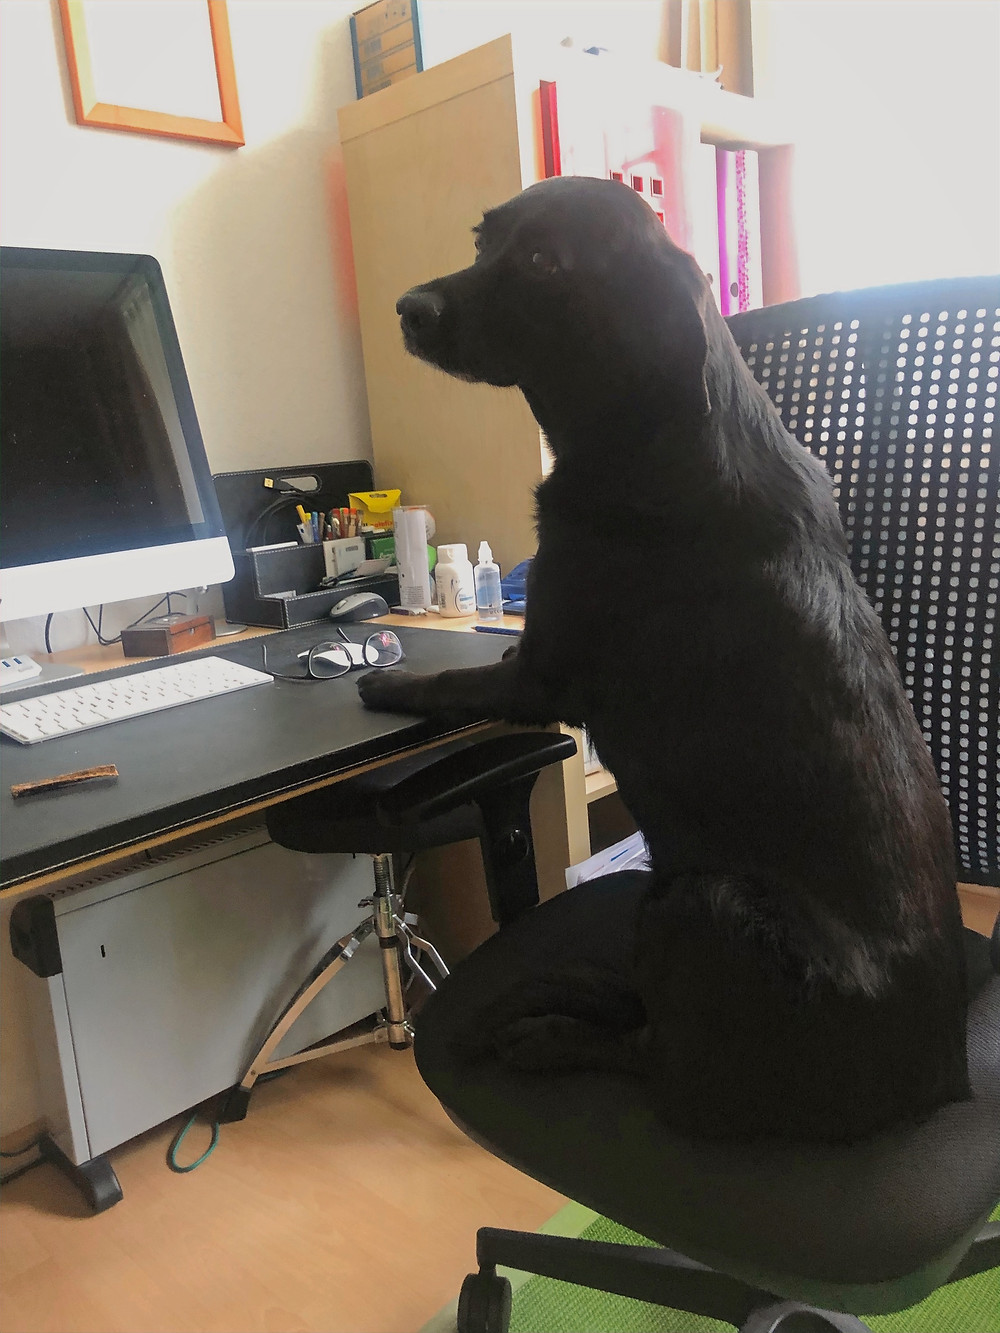 Schwarzer Hund sitzt an einem Schreibtisch